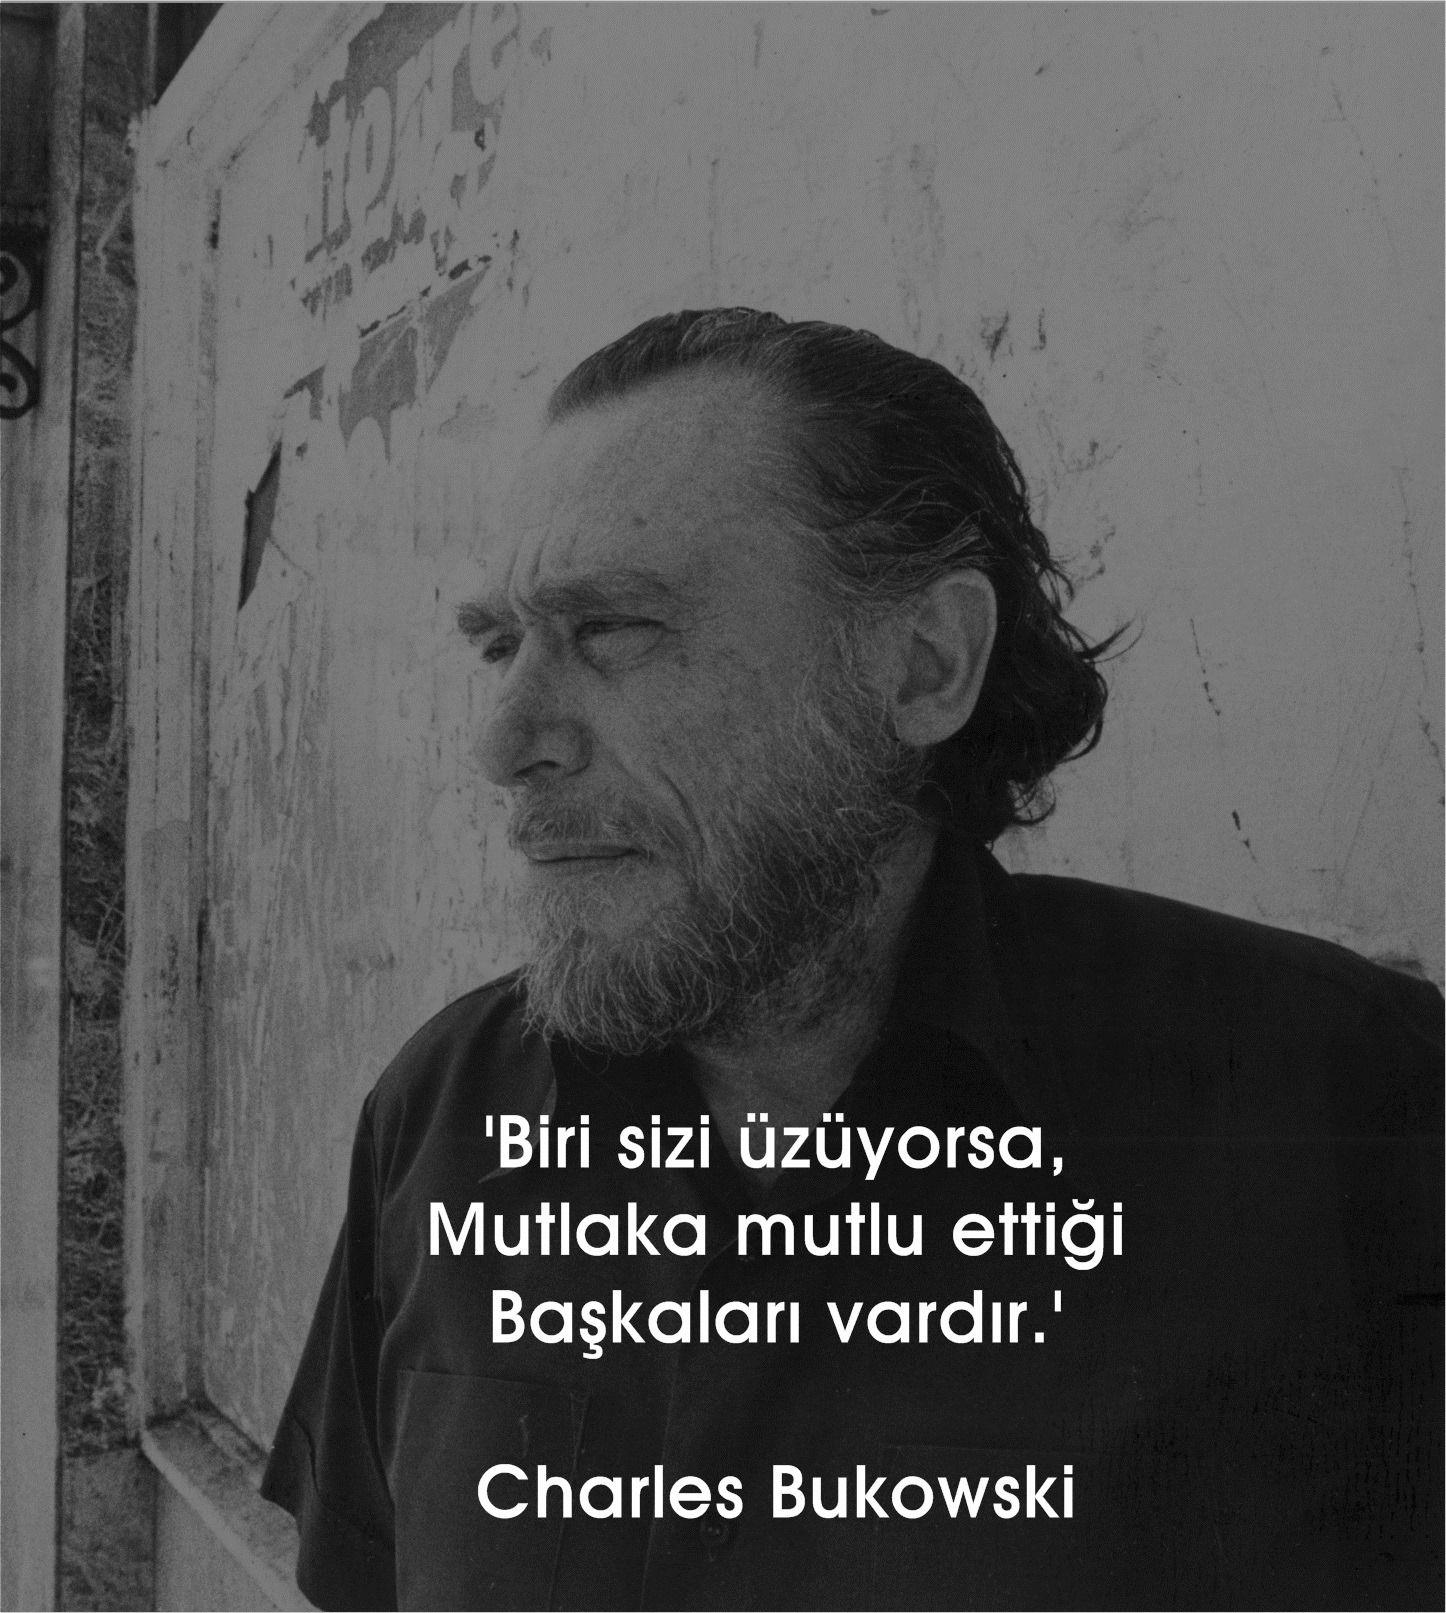 Biri Sizi Uzuyorsa Mutlaka Mutlu Ettigi Baskalari Vardir Charles Bukowski Sozler Anlam Ilham Verici Sozler Ilham Verici Alintilar Ilham Veren Sozler